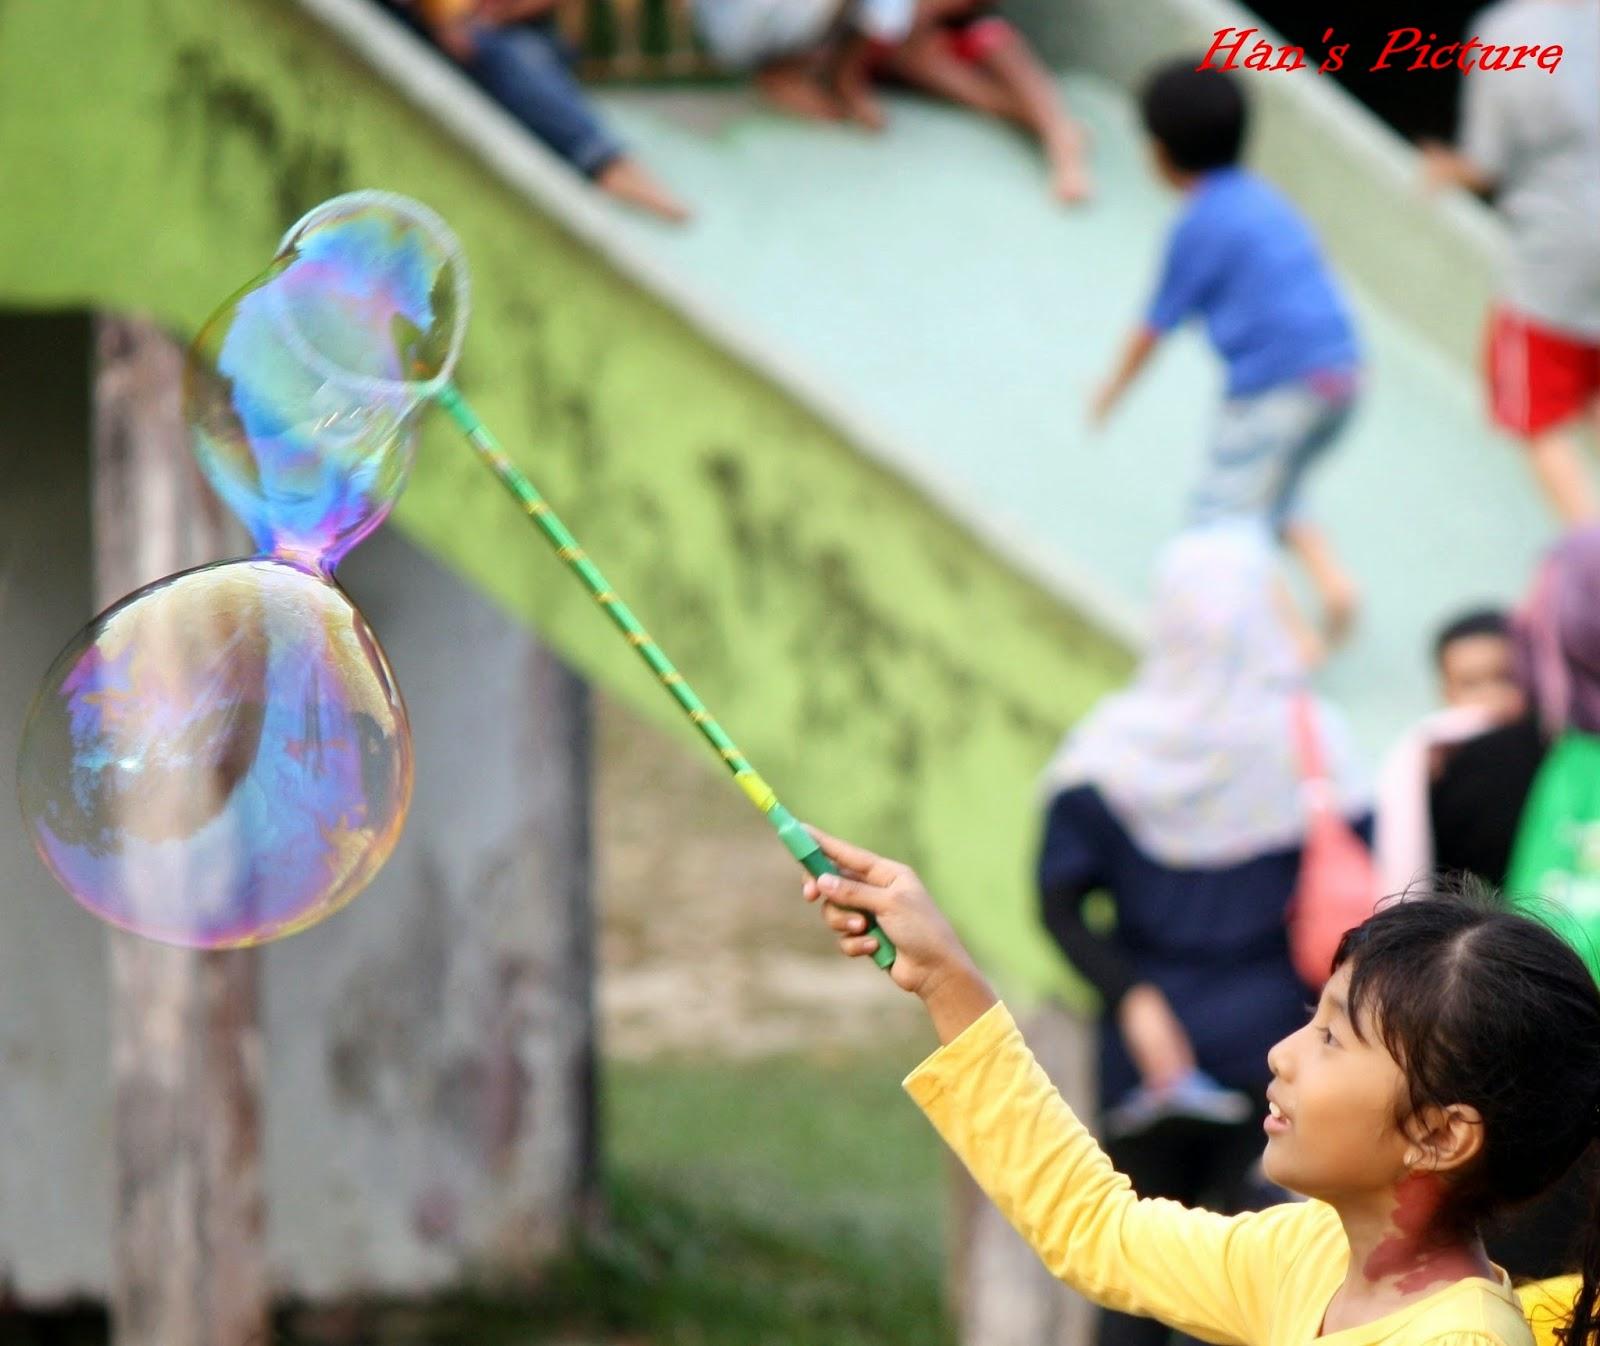 Koleksi Fotografi Di Taiping Dan Penang 2015